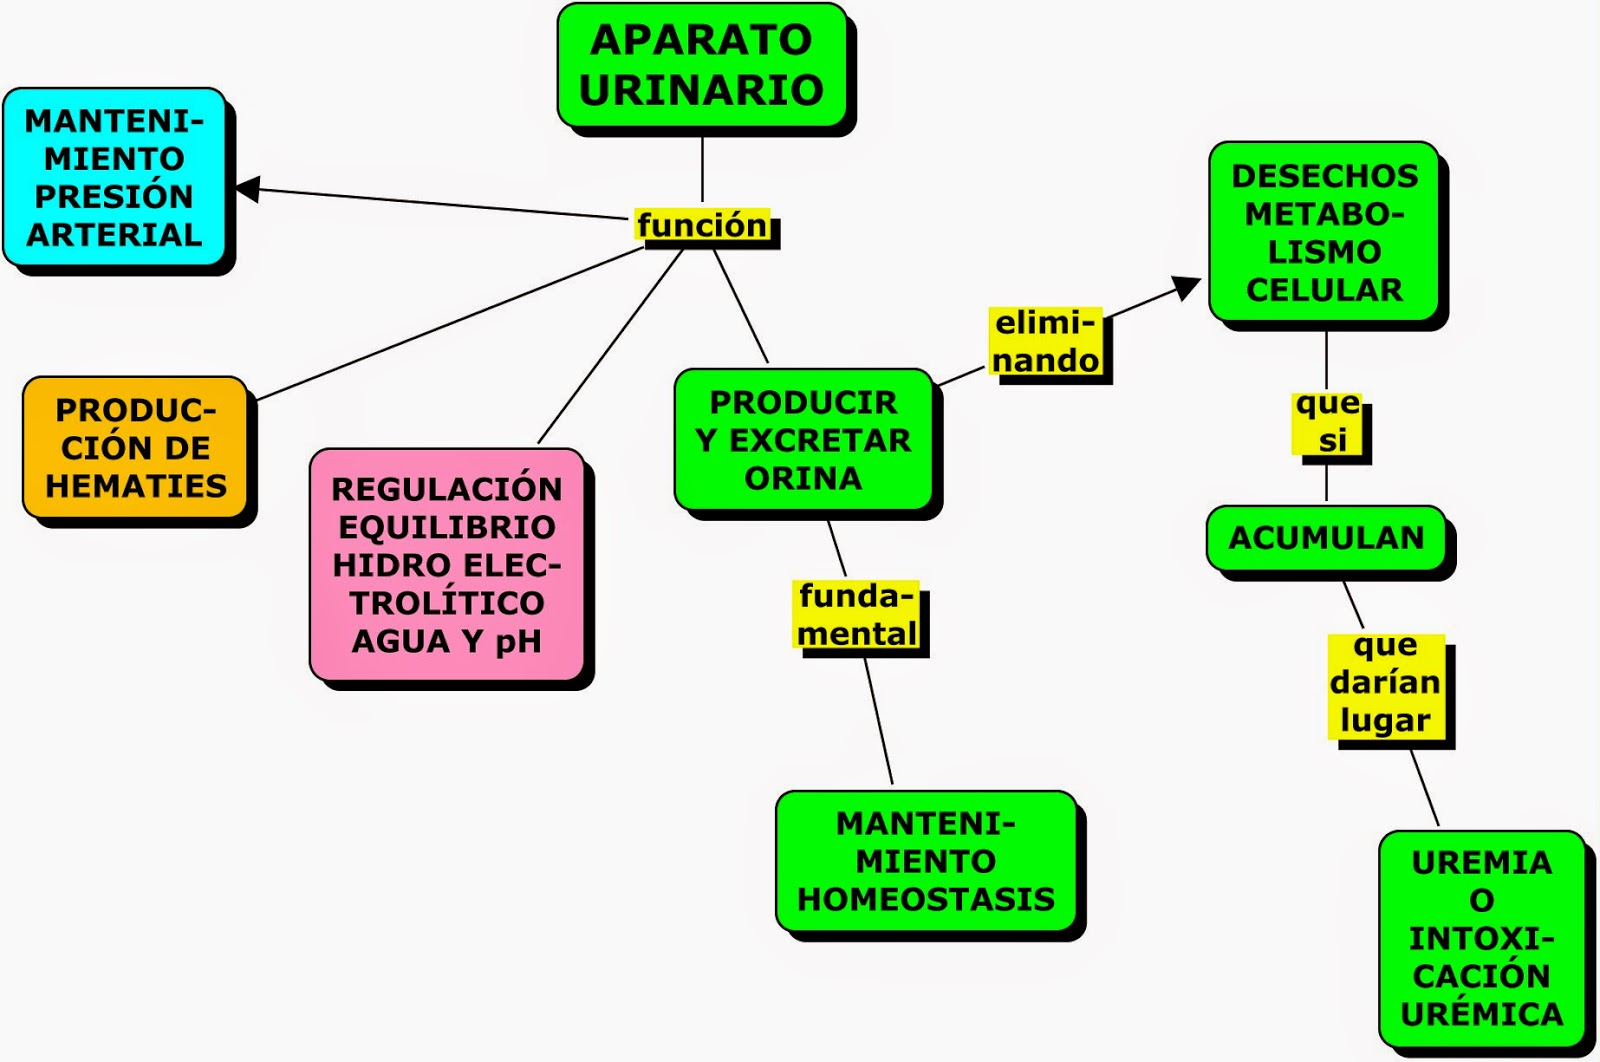 MAPAS CONCEPTUALES SOBRE EL APARATO URINARIO | MAPAS CONCEPTUALES ...